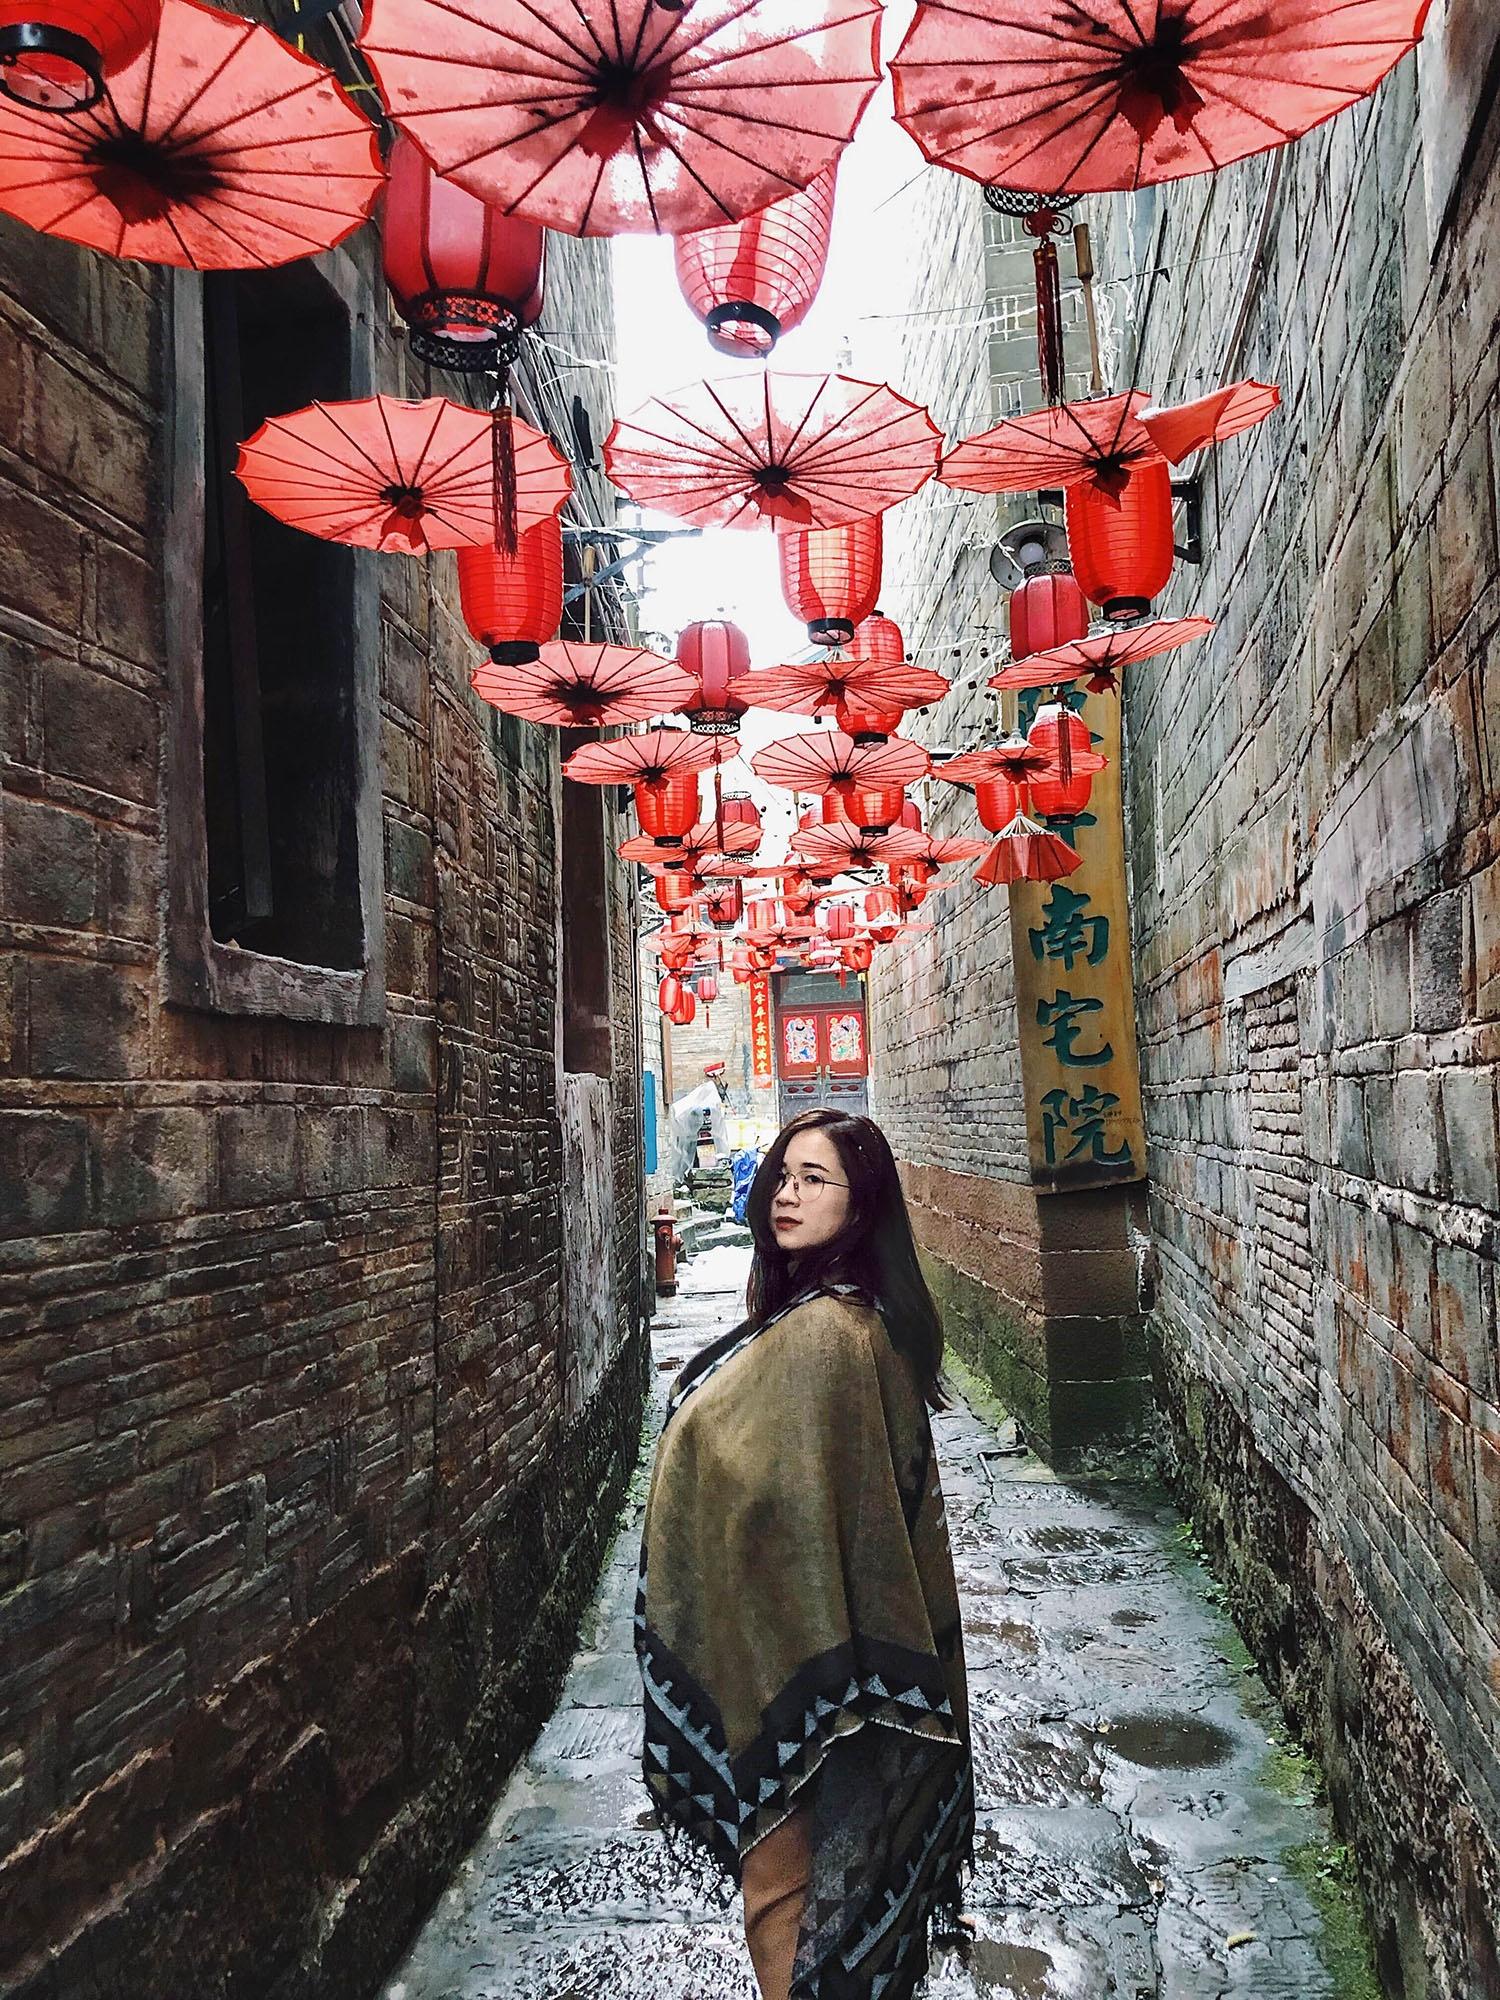 Phuong Hoang co tran dep lung linh trong hinh check-in cua 9X Viet hinh anh 5